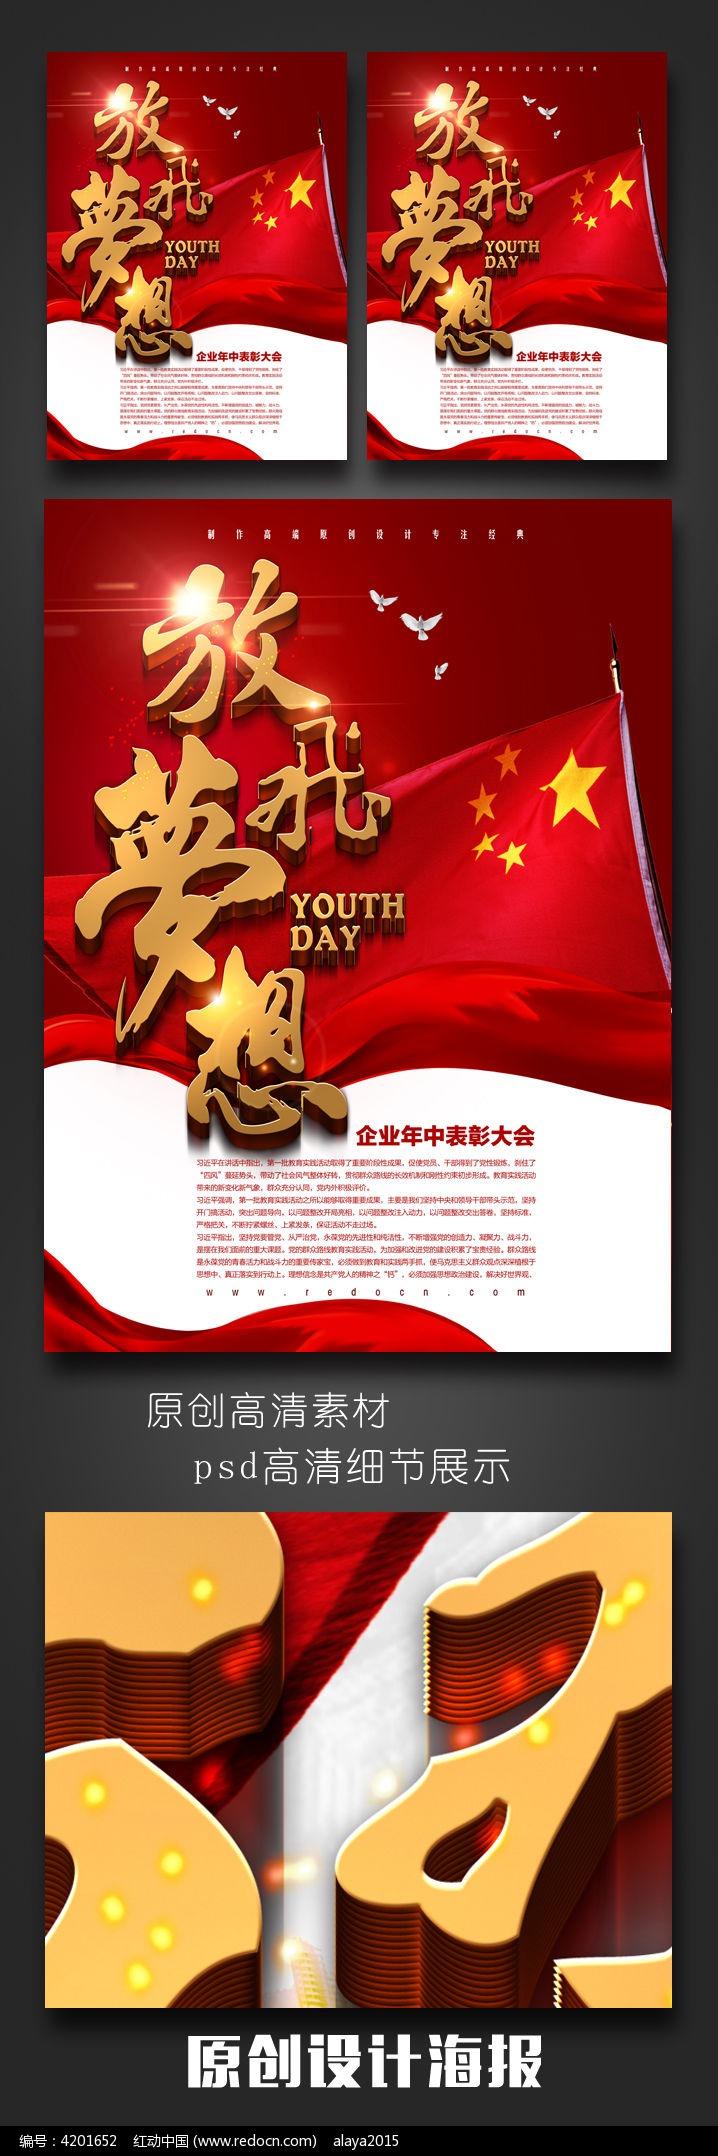 表彰大会海报_企业年中表彰大会海报设计